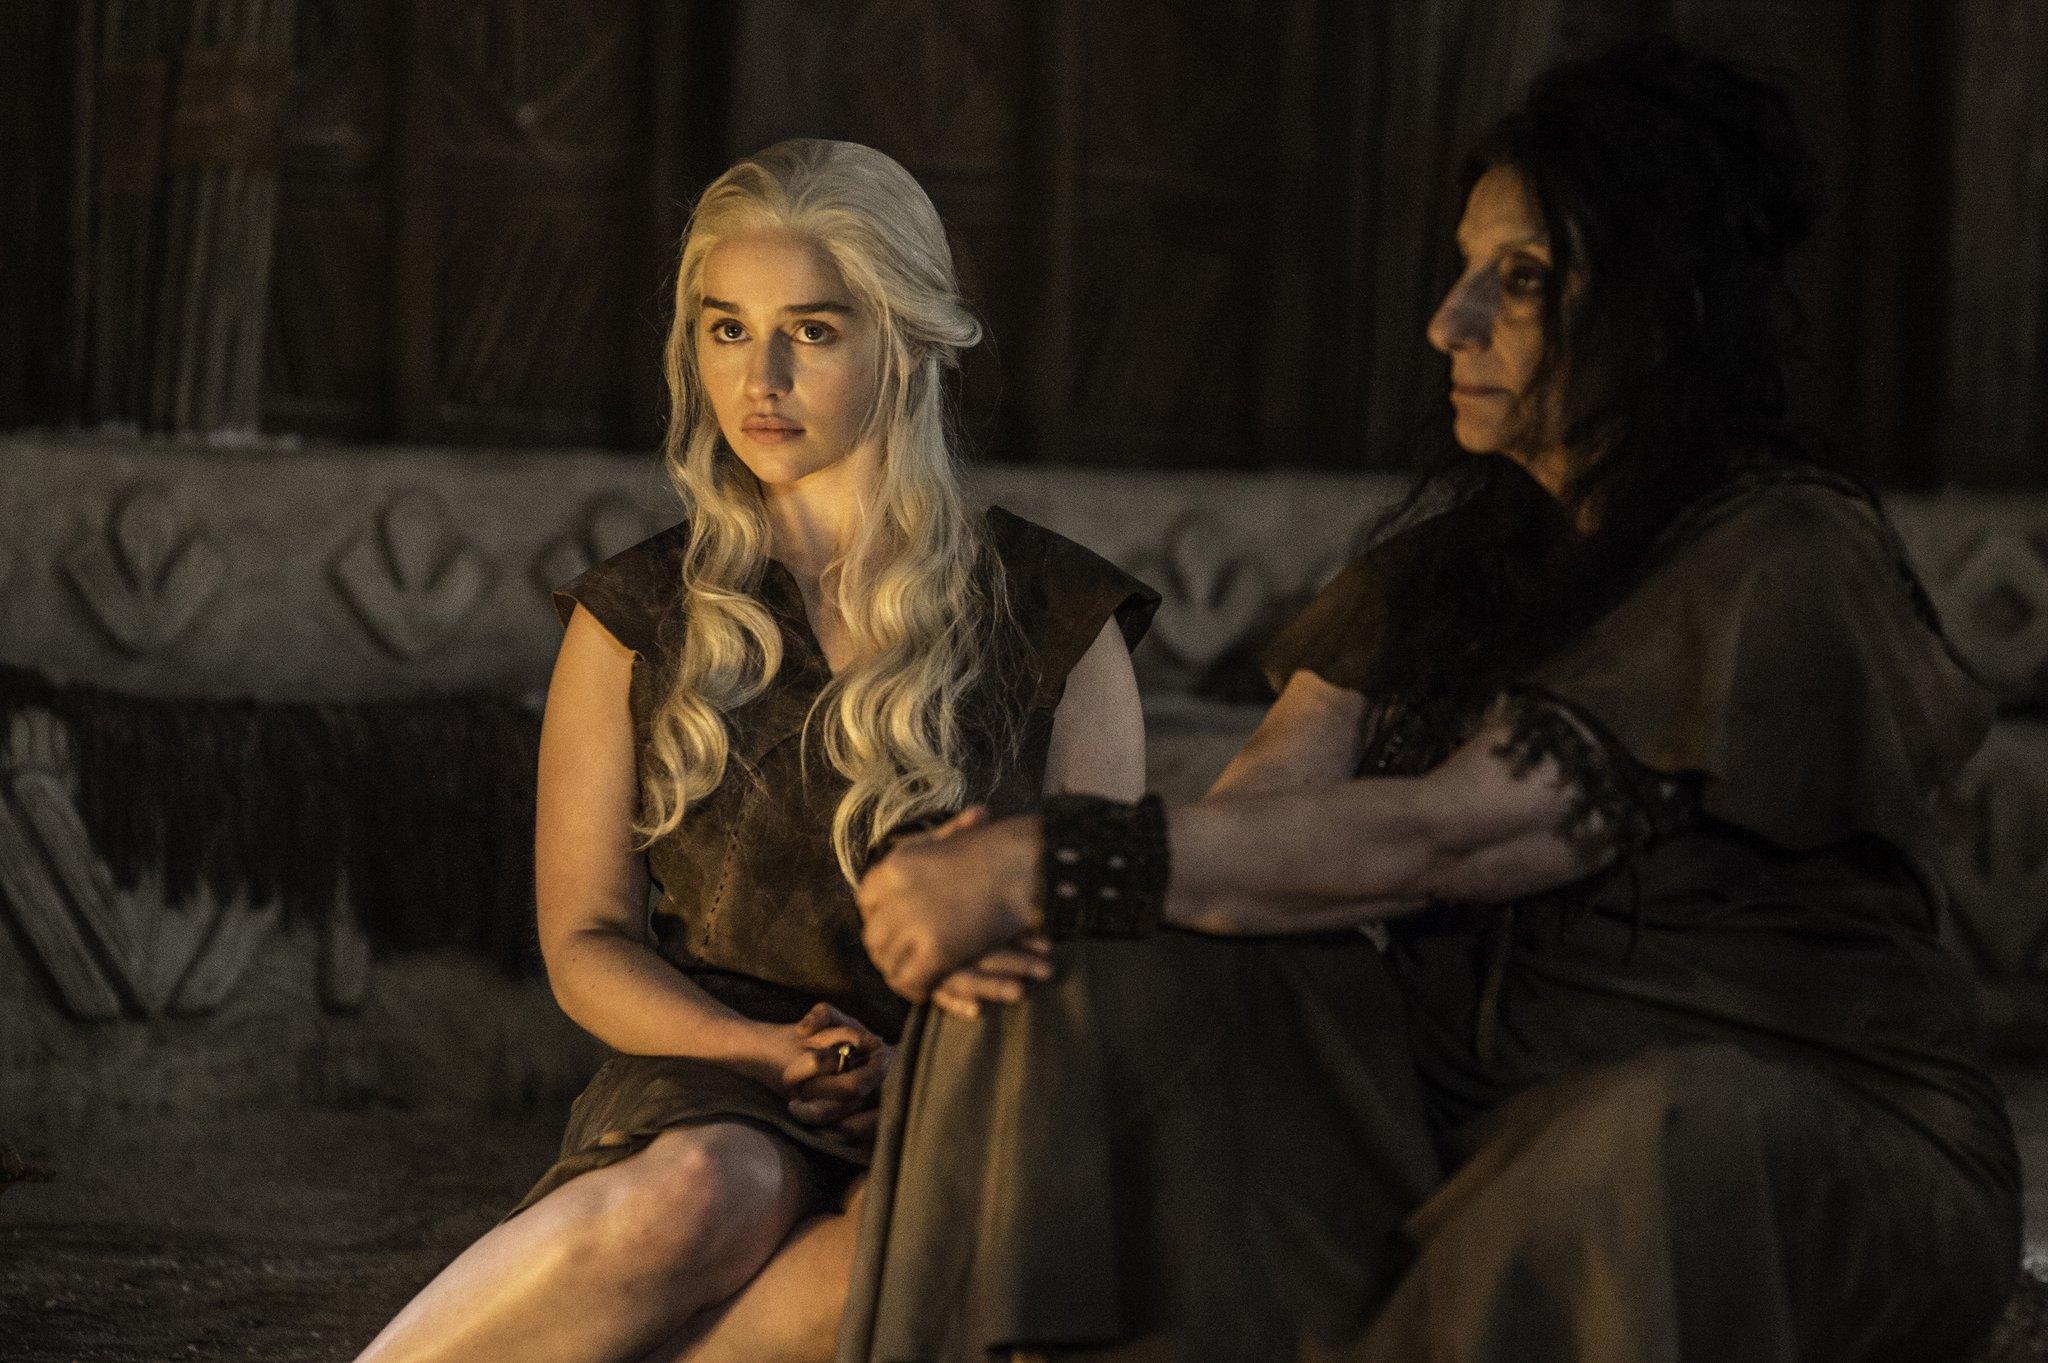 Вперёд смотреть трейлер 8-го сезона «Игры престолов»